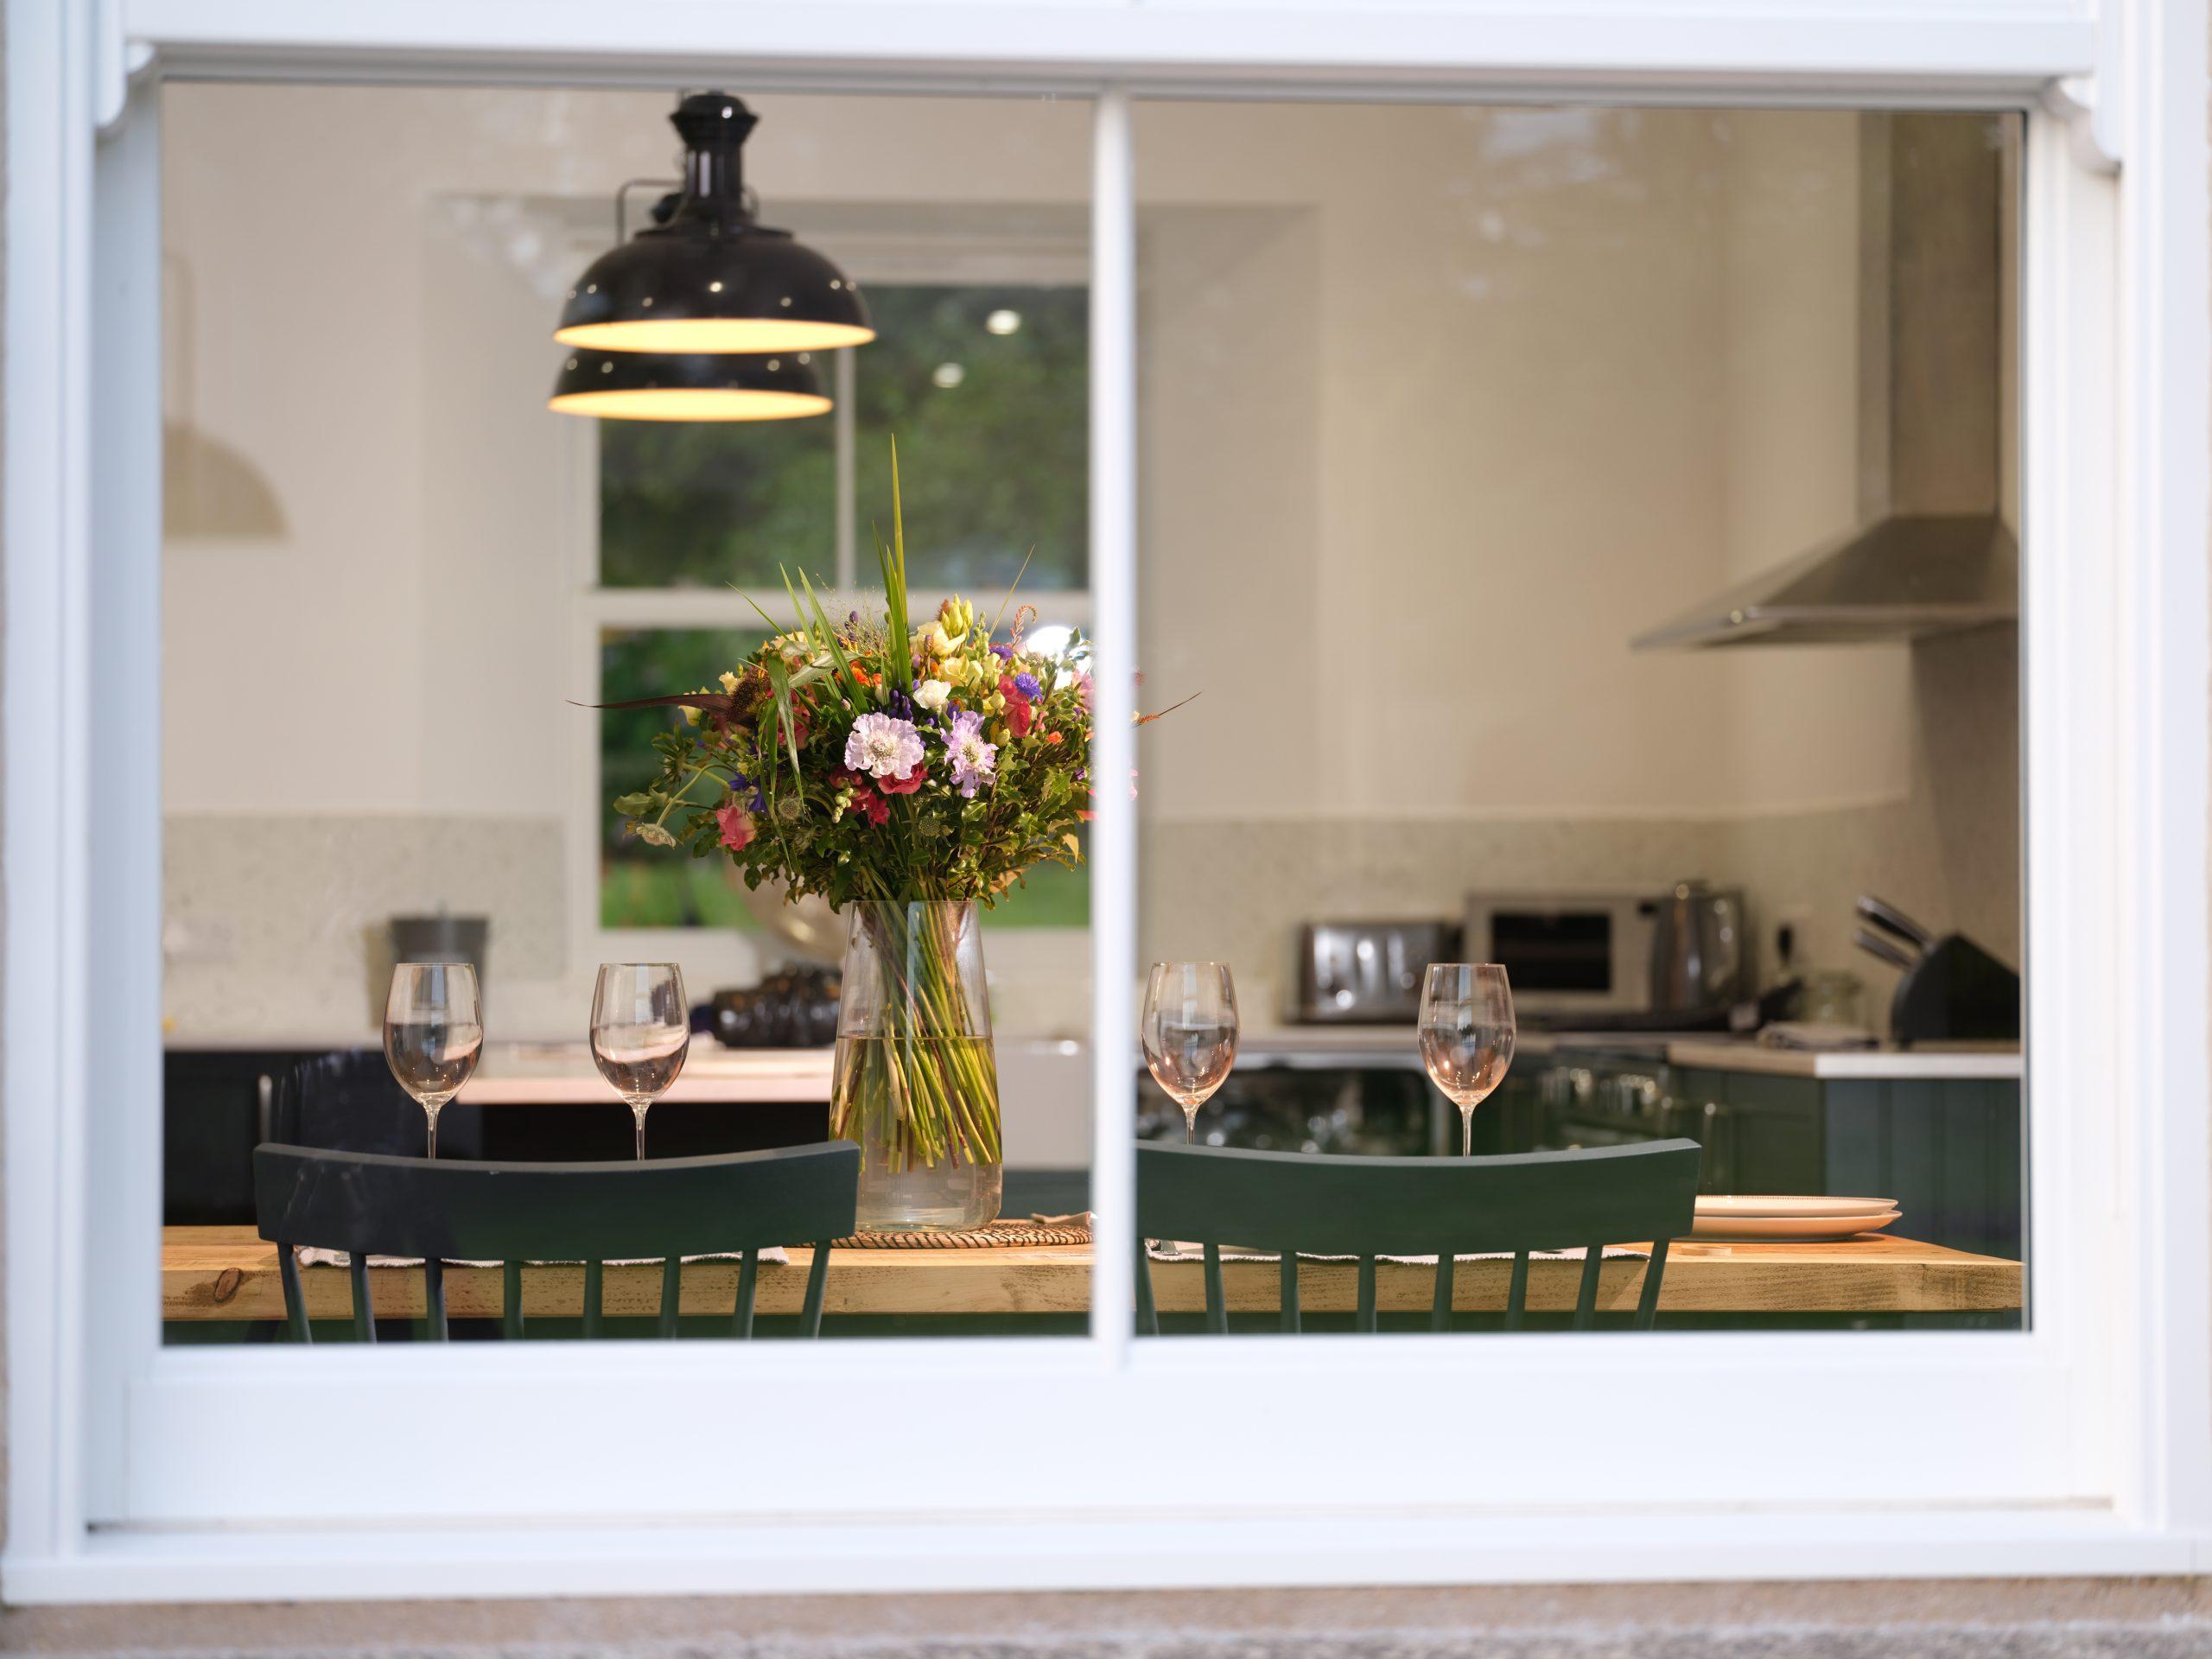 Drym House: Kitchen Window